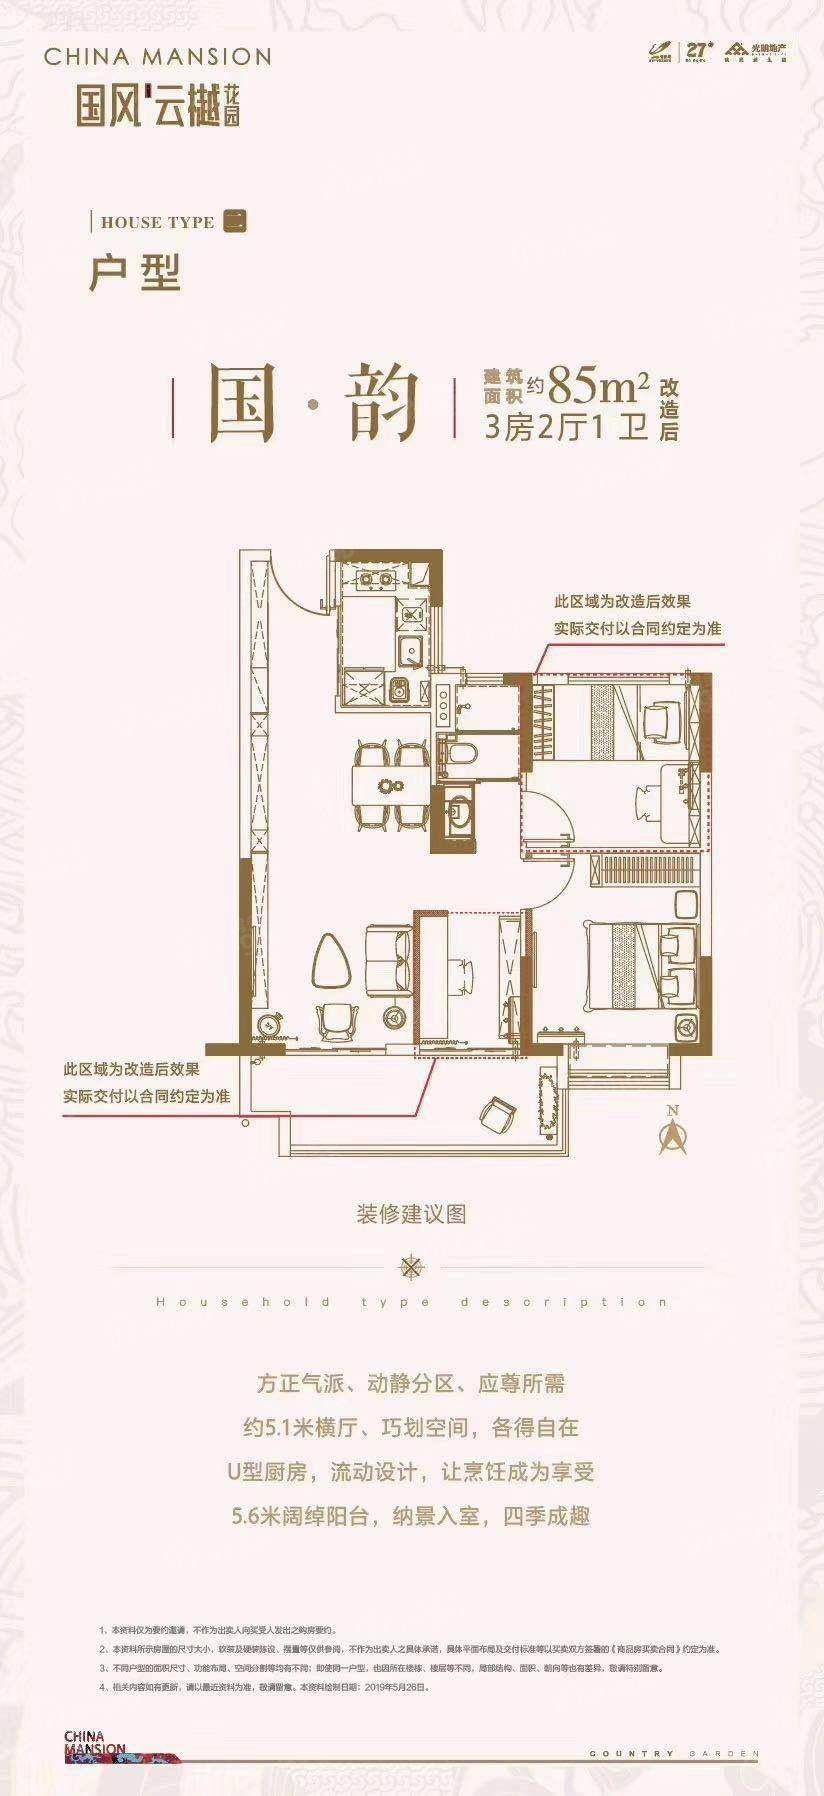 国风云樾花园3室2厅1卫户型图